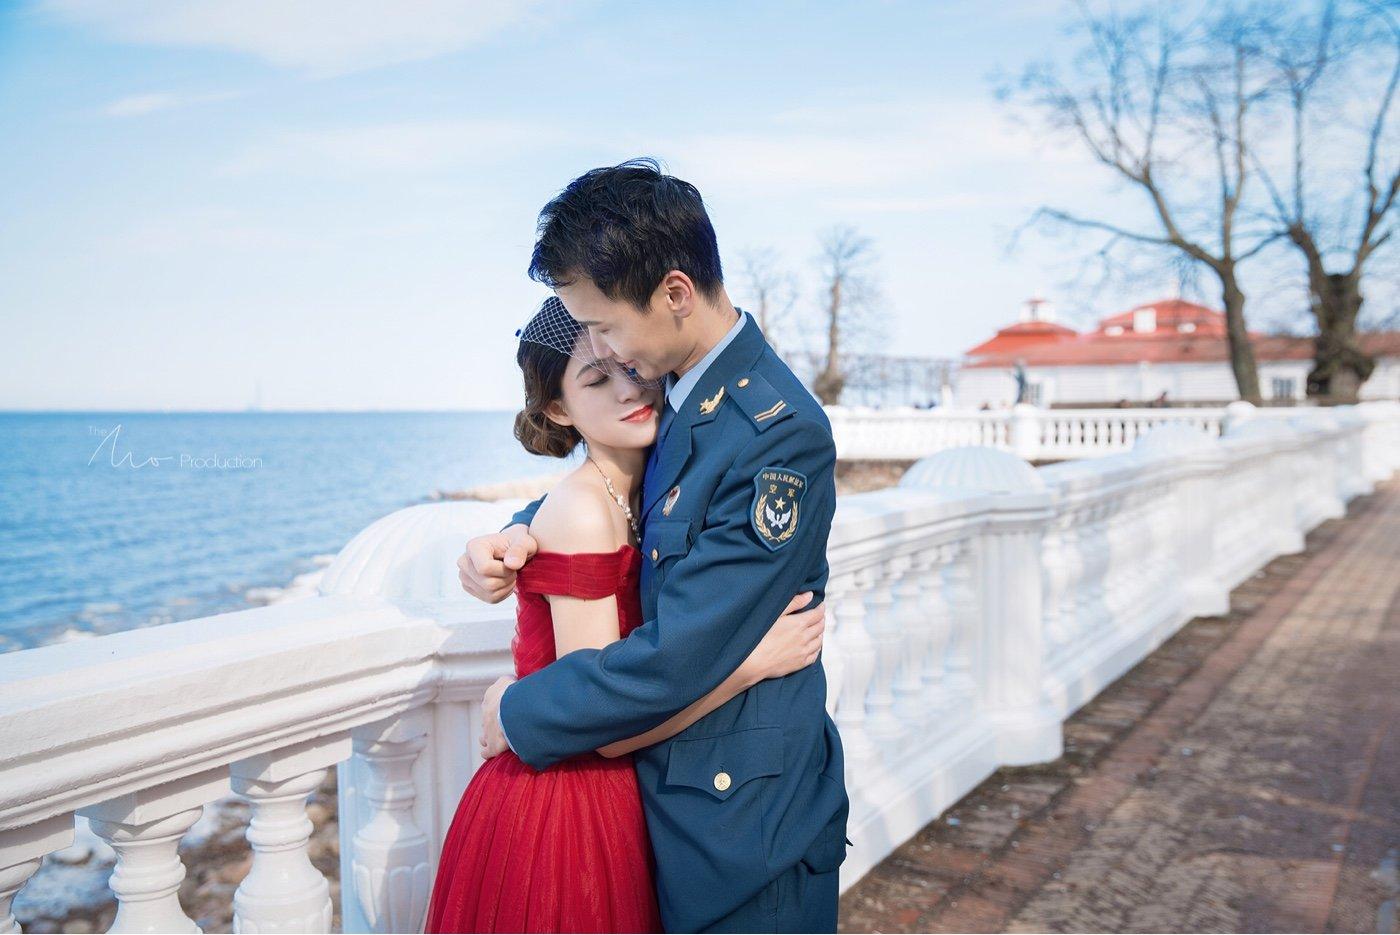 MoFoTo | 婚纱旅拍  圣彼得堡12